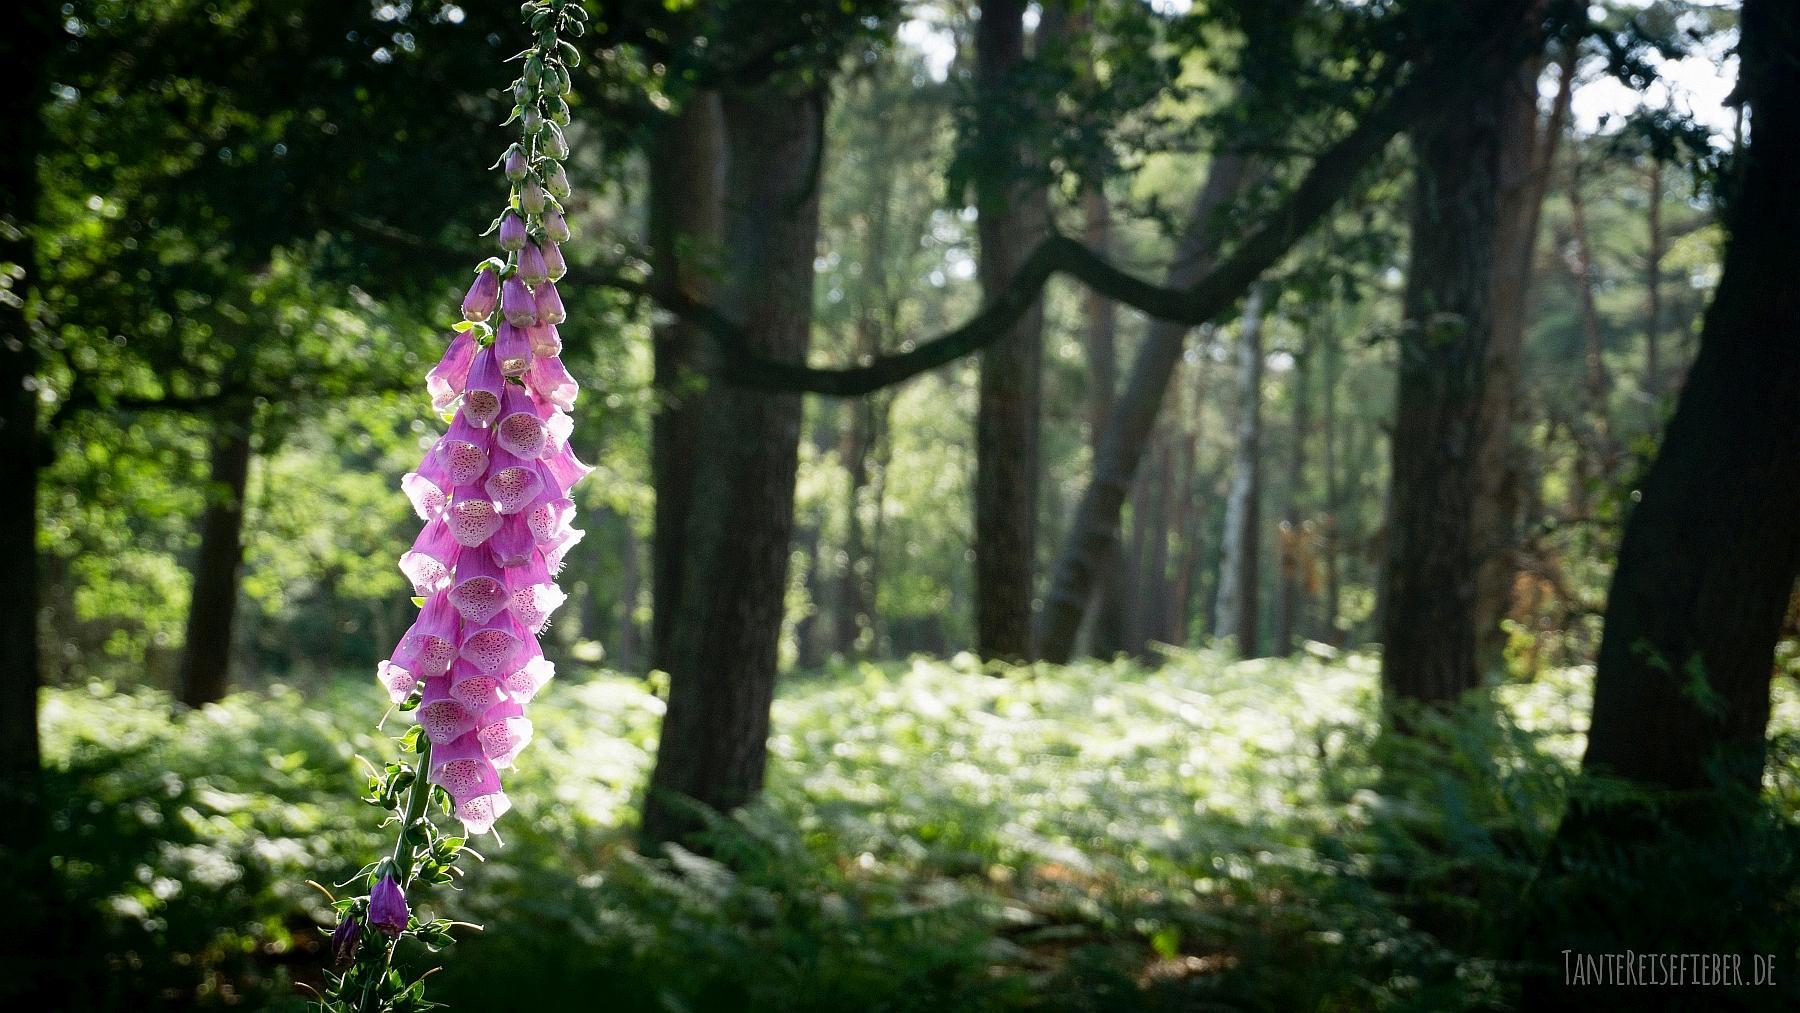 Diersfordter Wald – Hirschkäferroute: Hirschkäfer im Juni beobachten